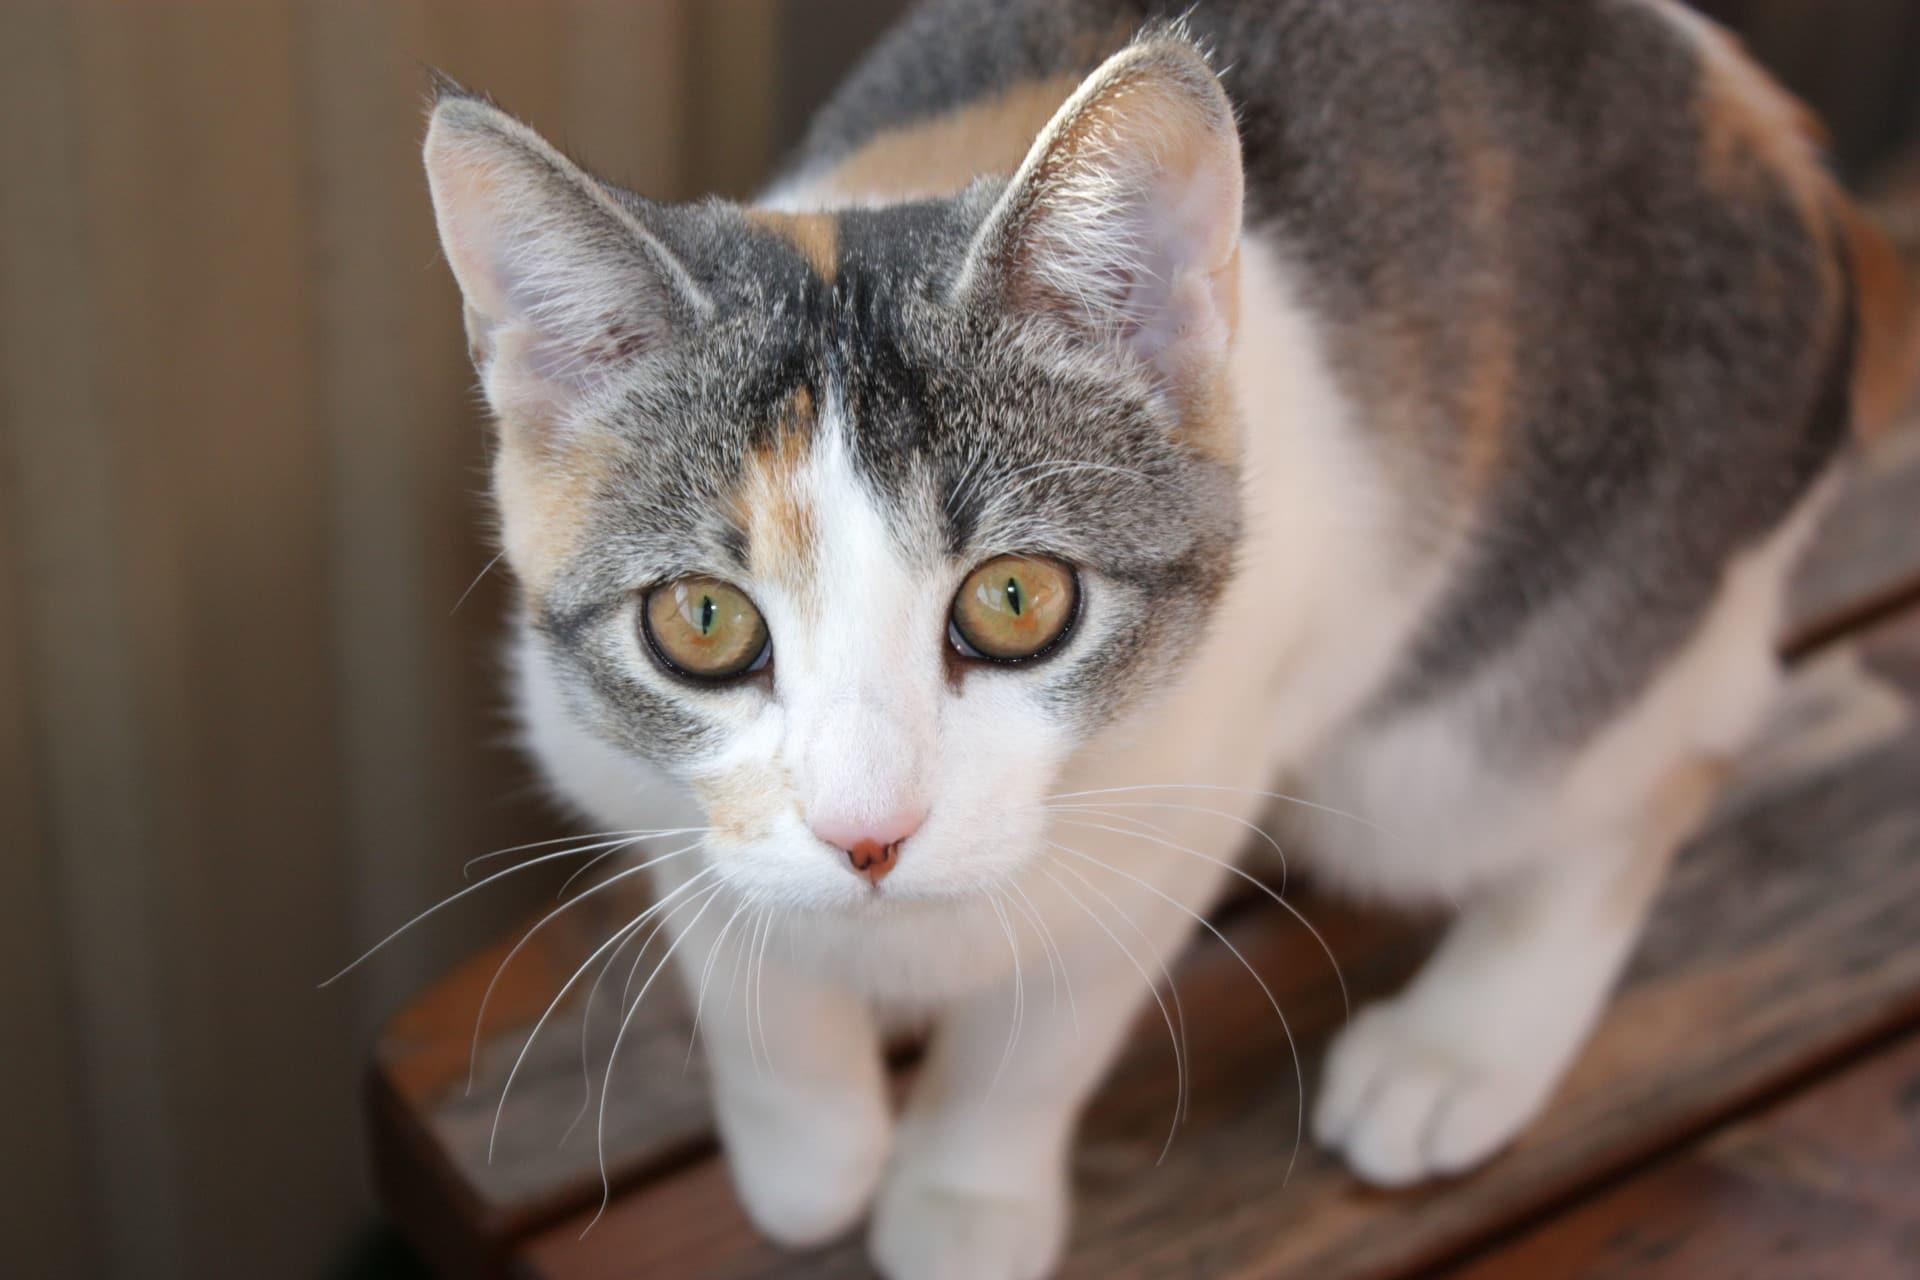 Los gatos pueden tener una fractura de cadera